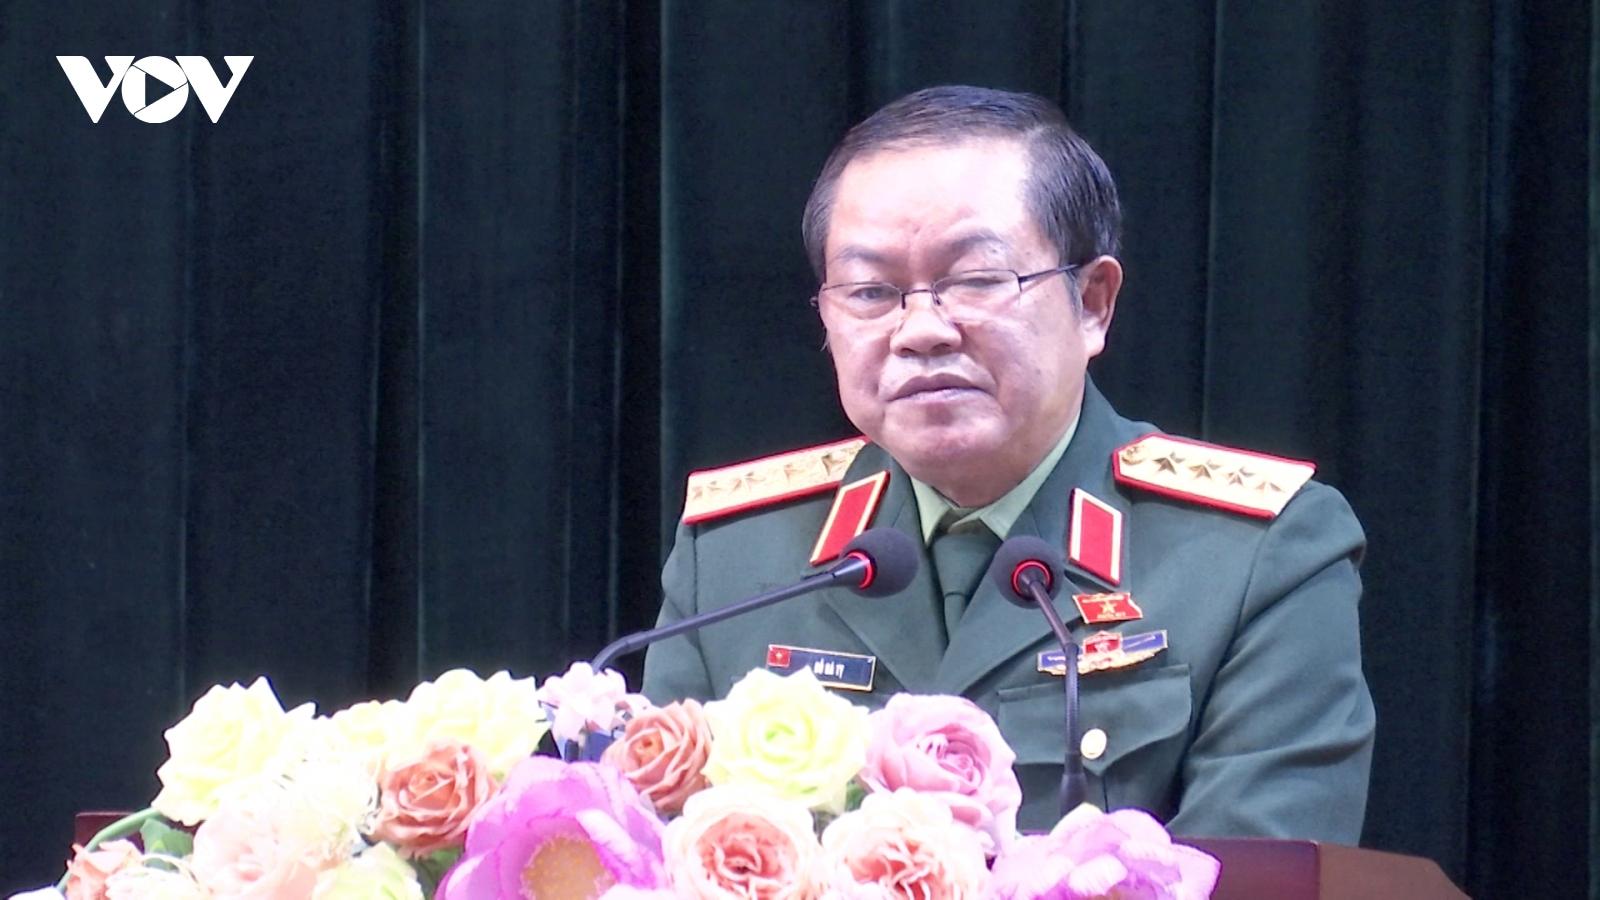 Phó Chủ tịch Quốc hội Đỗ Bá Tỵ tiếp xúc cử tri tại Lào Cai